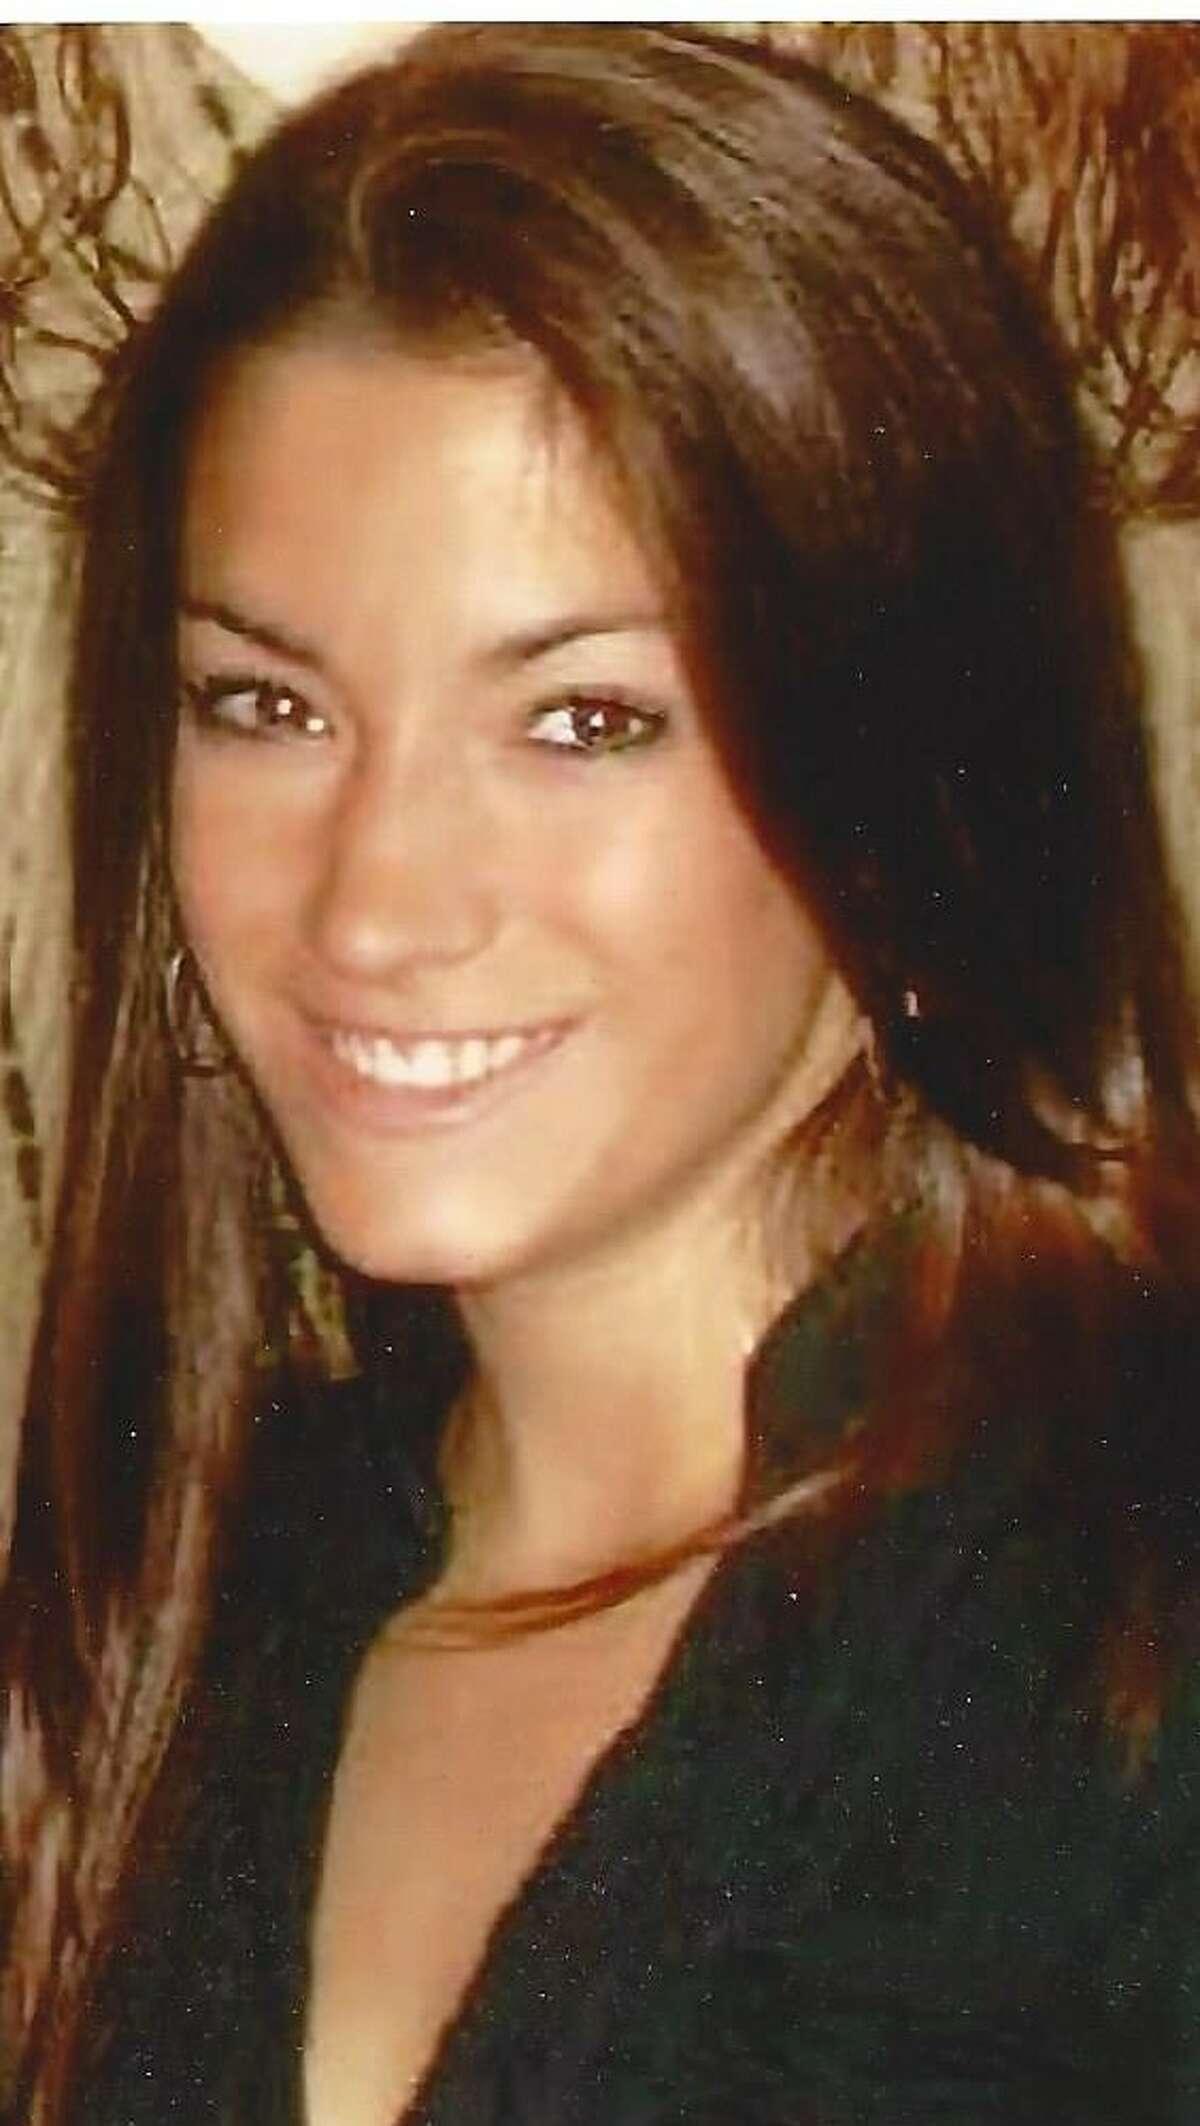 Katie-Lynn Scheidt, 30, of Saratoga Springs died Oct. 3, 2014 after a heroin overdose. (Courtesy Fredrick Scheidt)